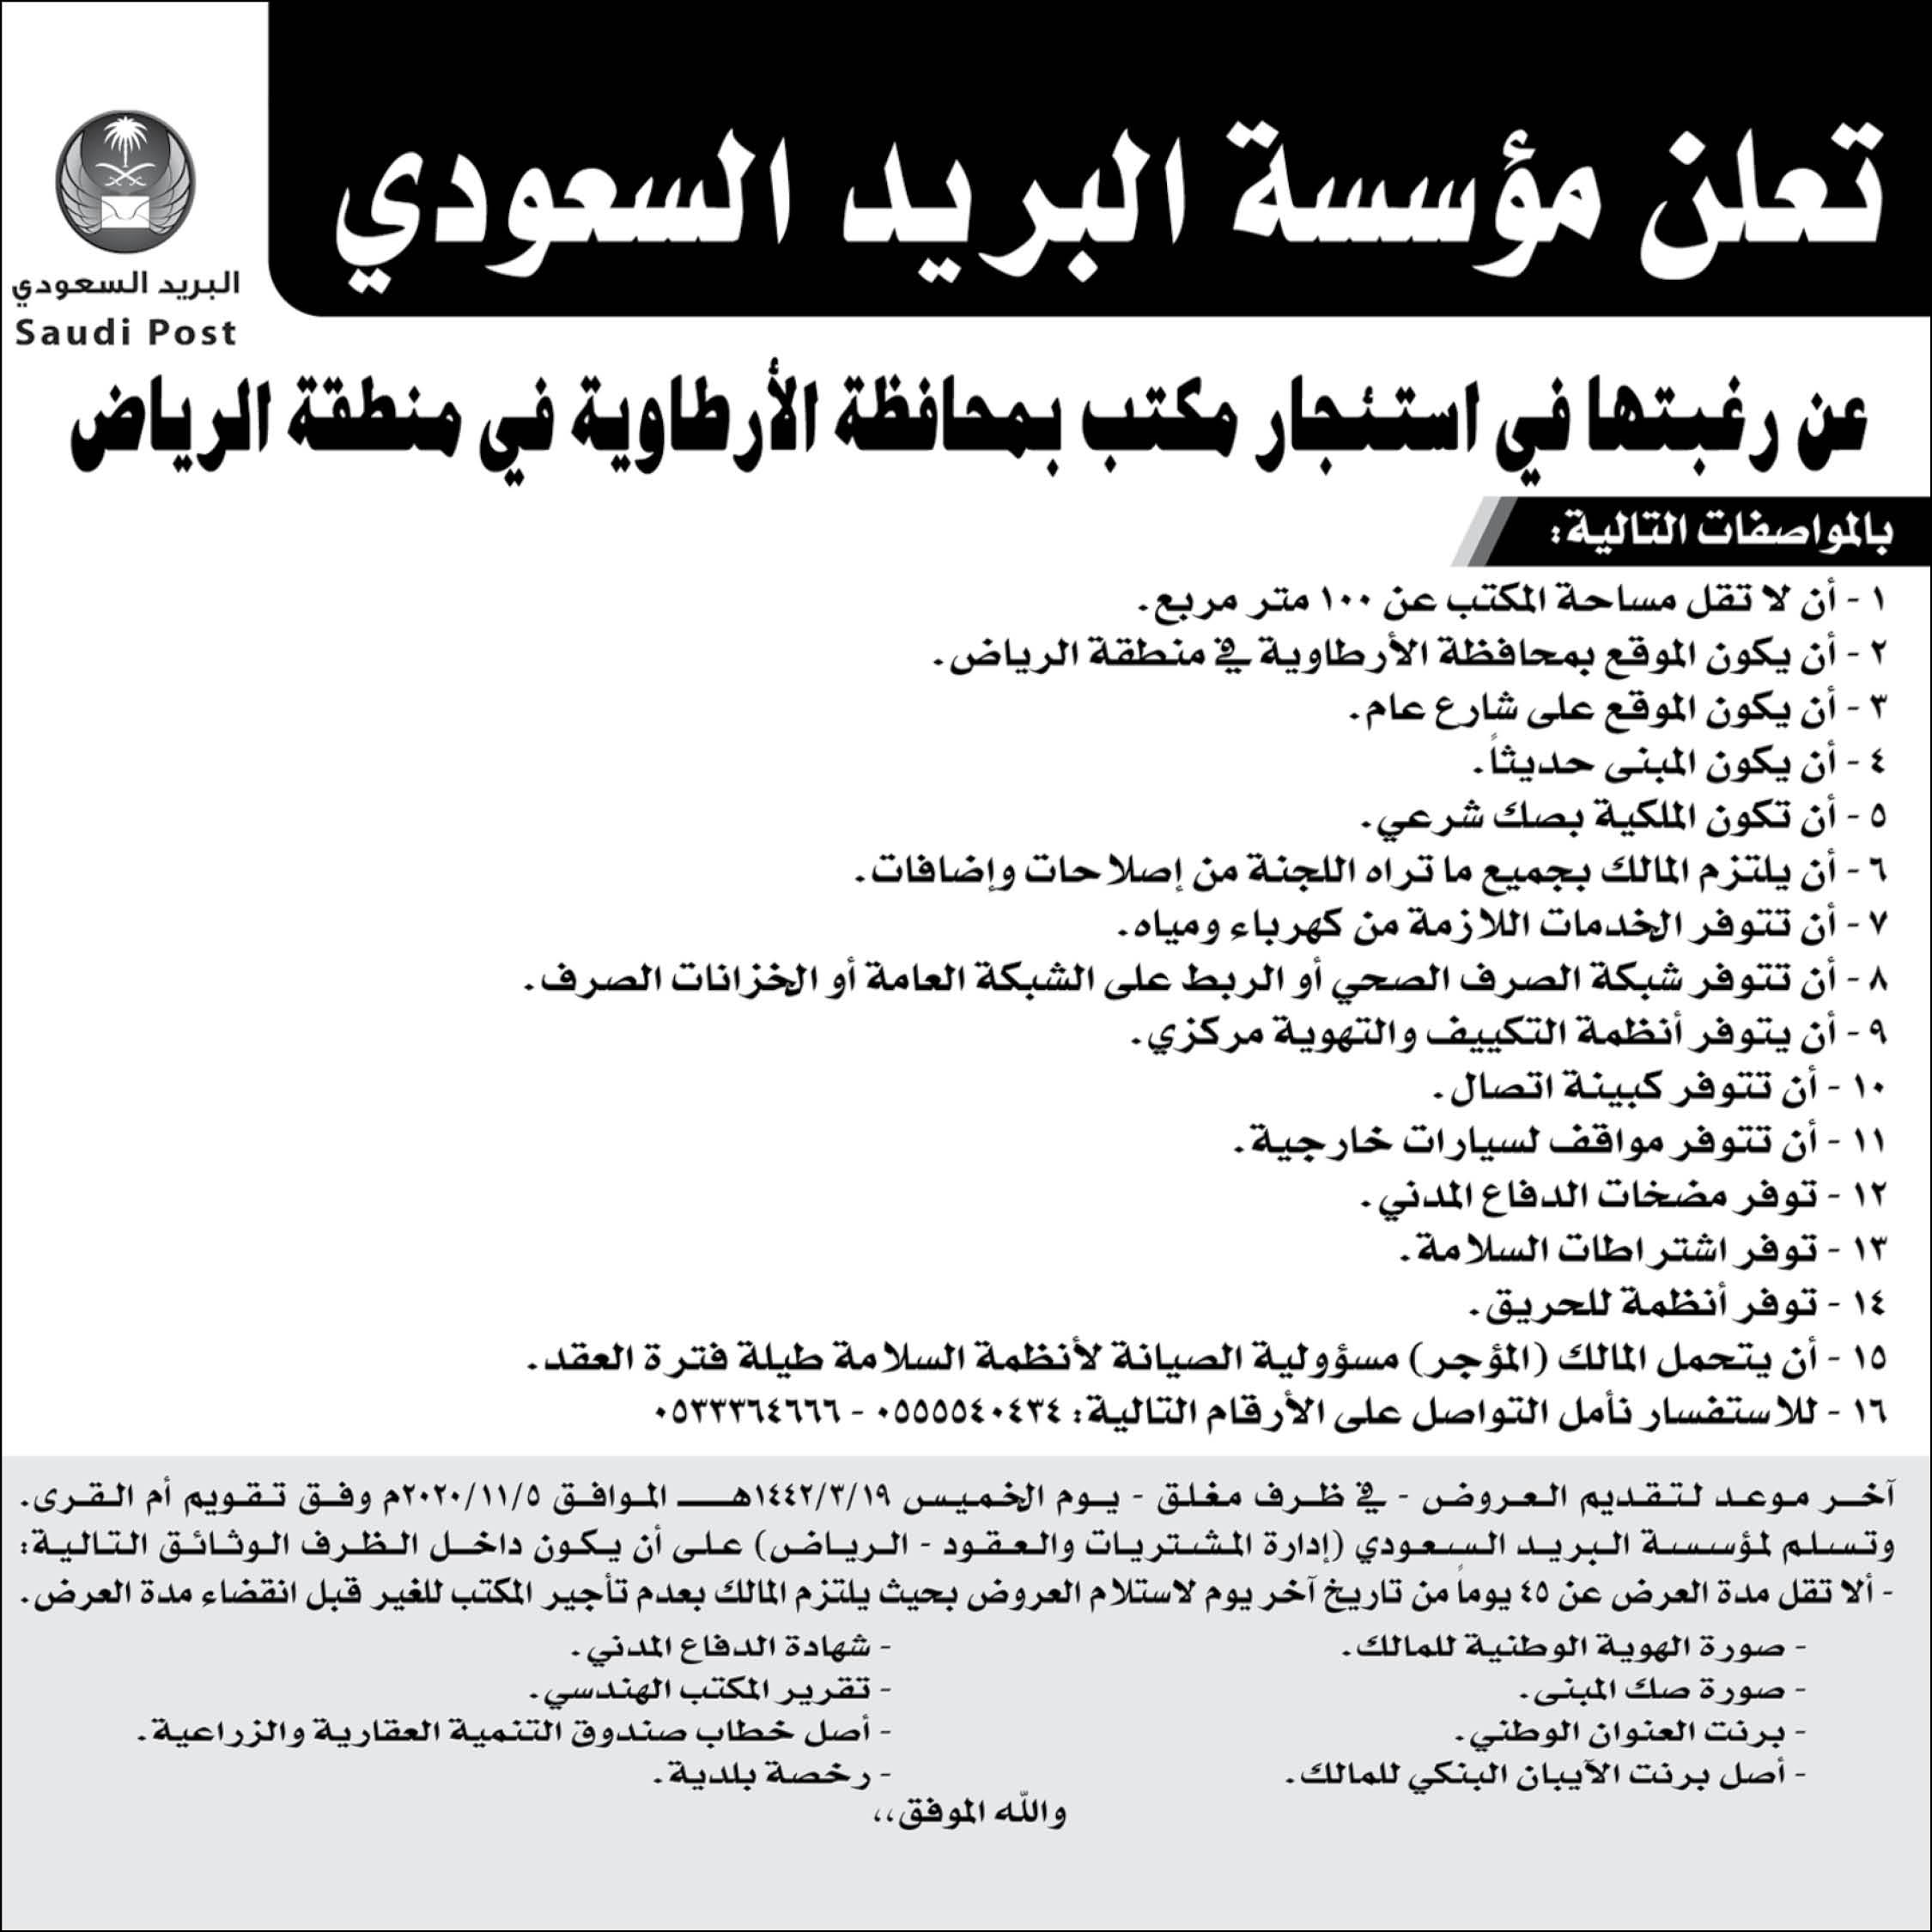 تعلن مؤسسة البريد السعودي